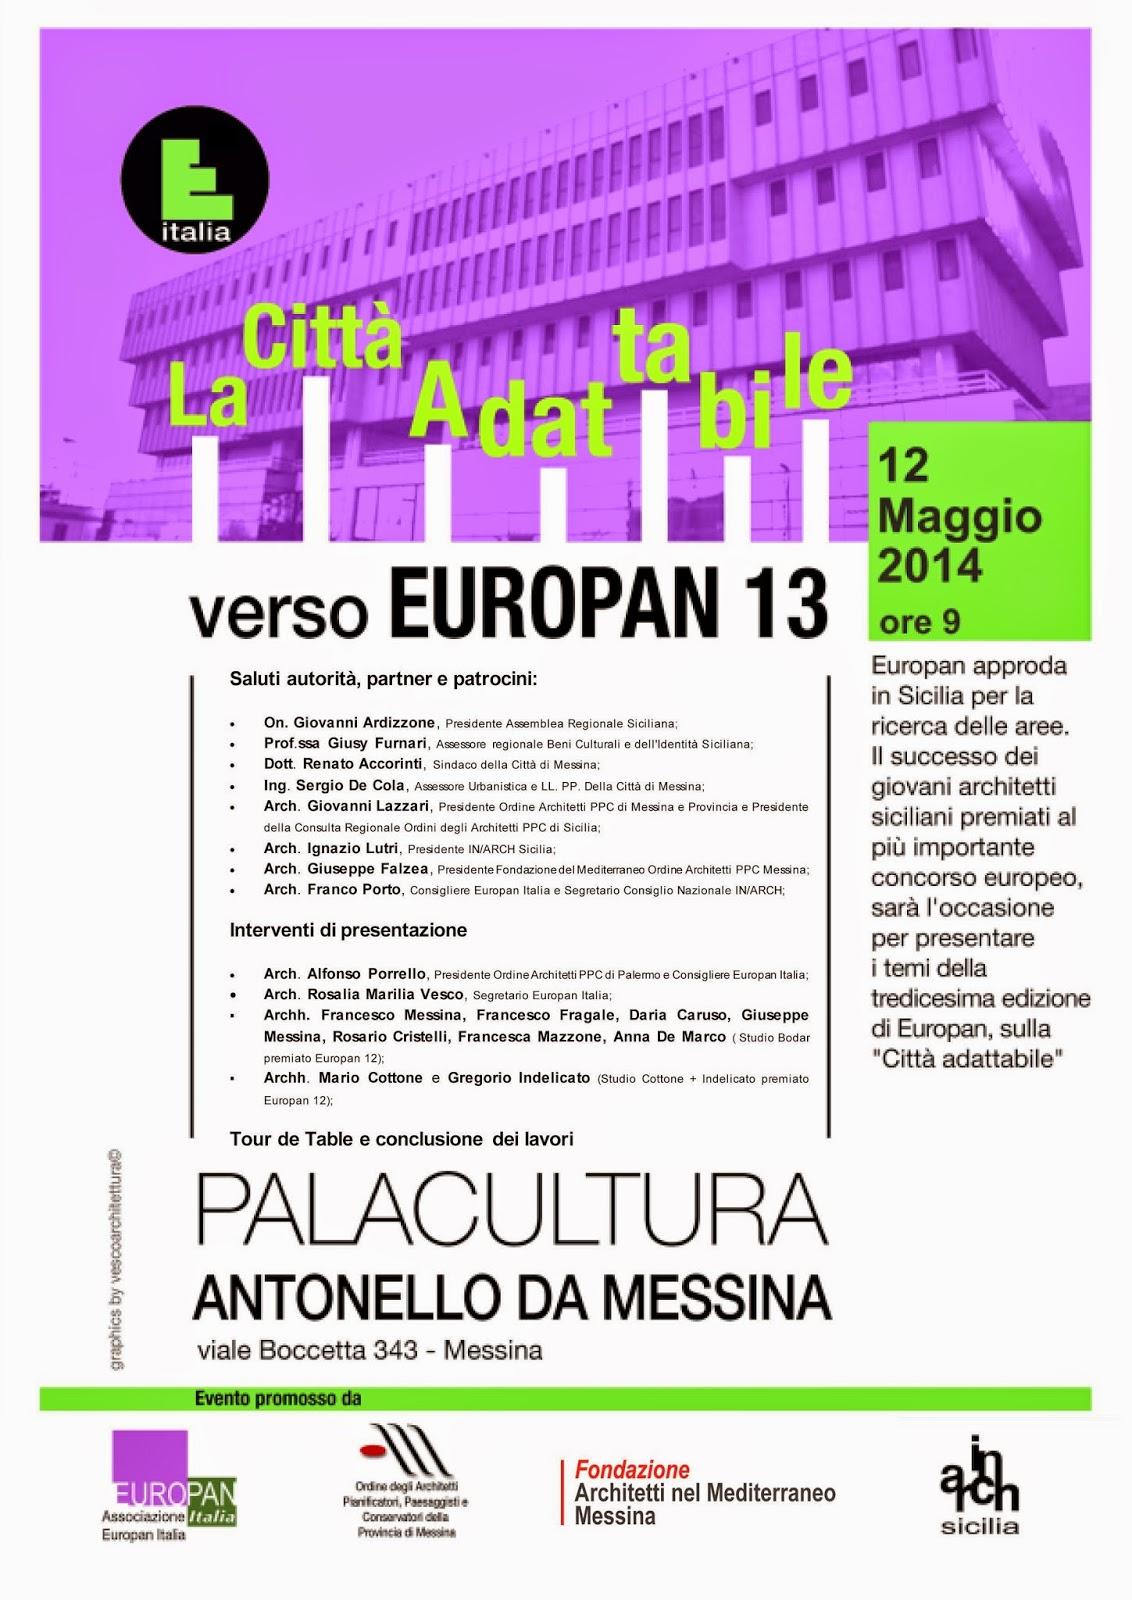 """SEMINARIO ARCHME: """"LA CITTA' ADATTABILE - VERSO EUROPAN 13"""""""